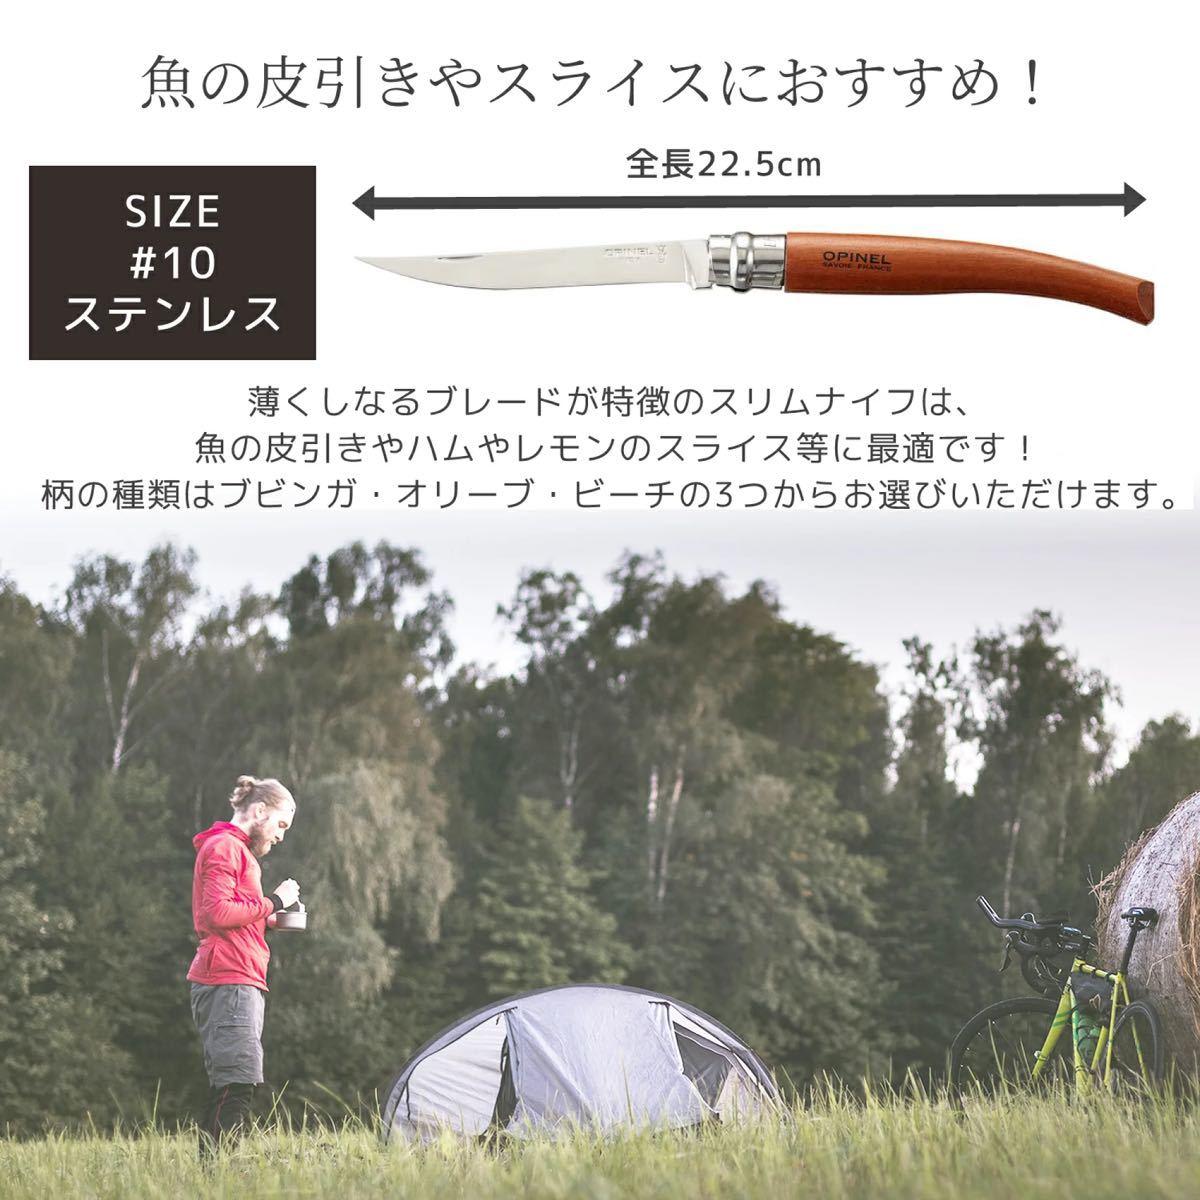 オピネル スリムナイフ ブビンガ #10 10cm  新品 ソロキャンプ OPINEL KNIFE